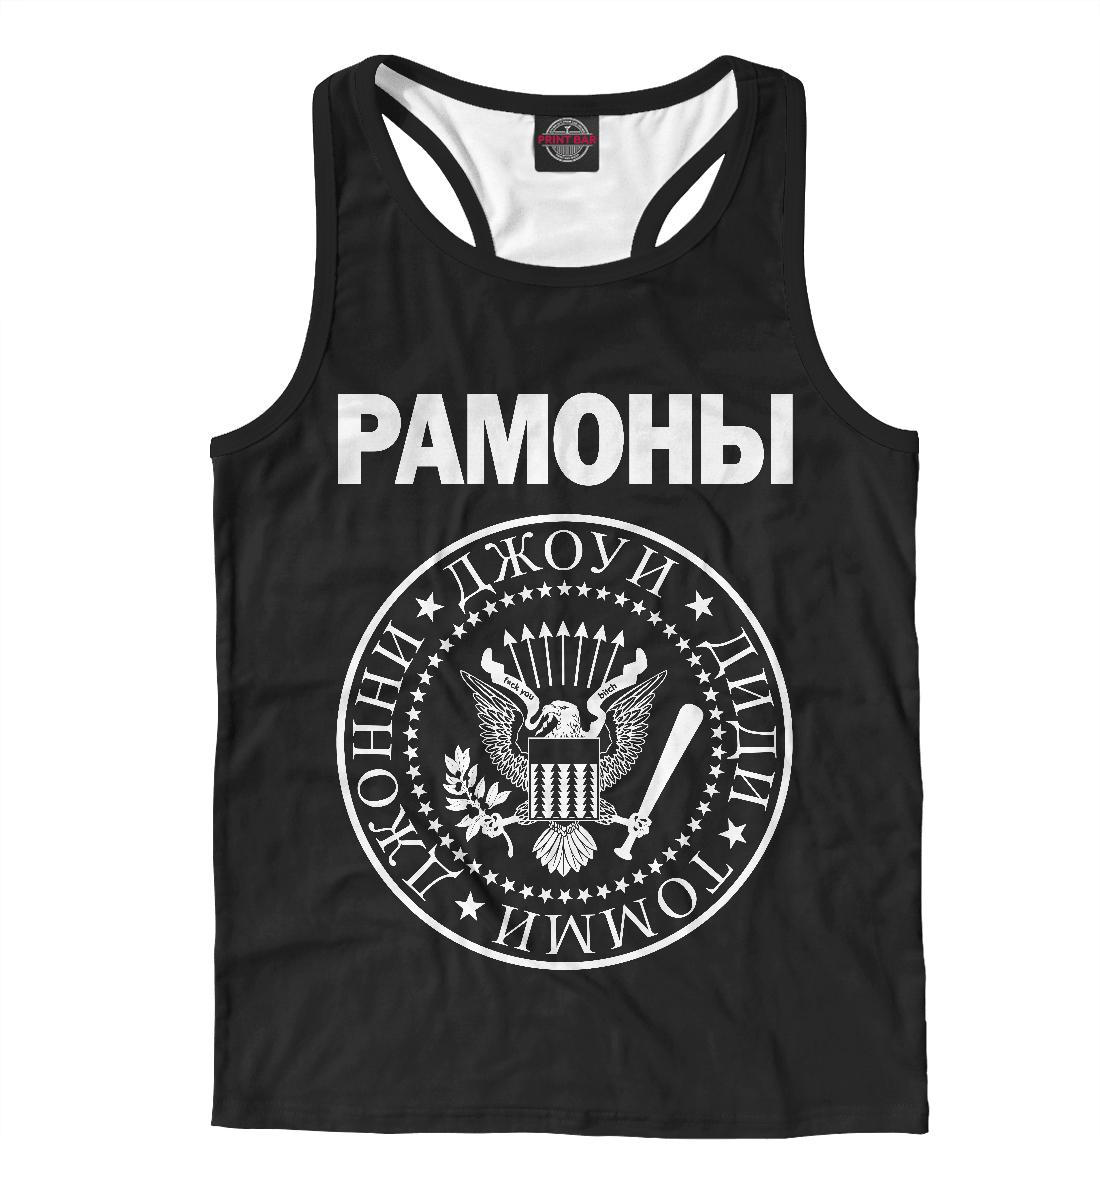 Купить Рамонес, Printbar, Майки борцовки, RMN-625386-mayb-2